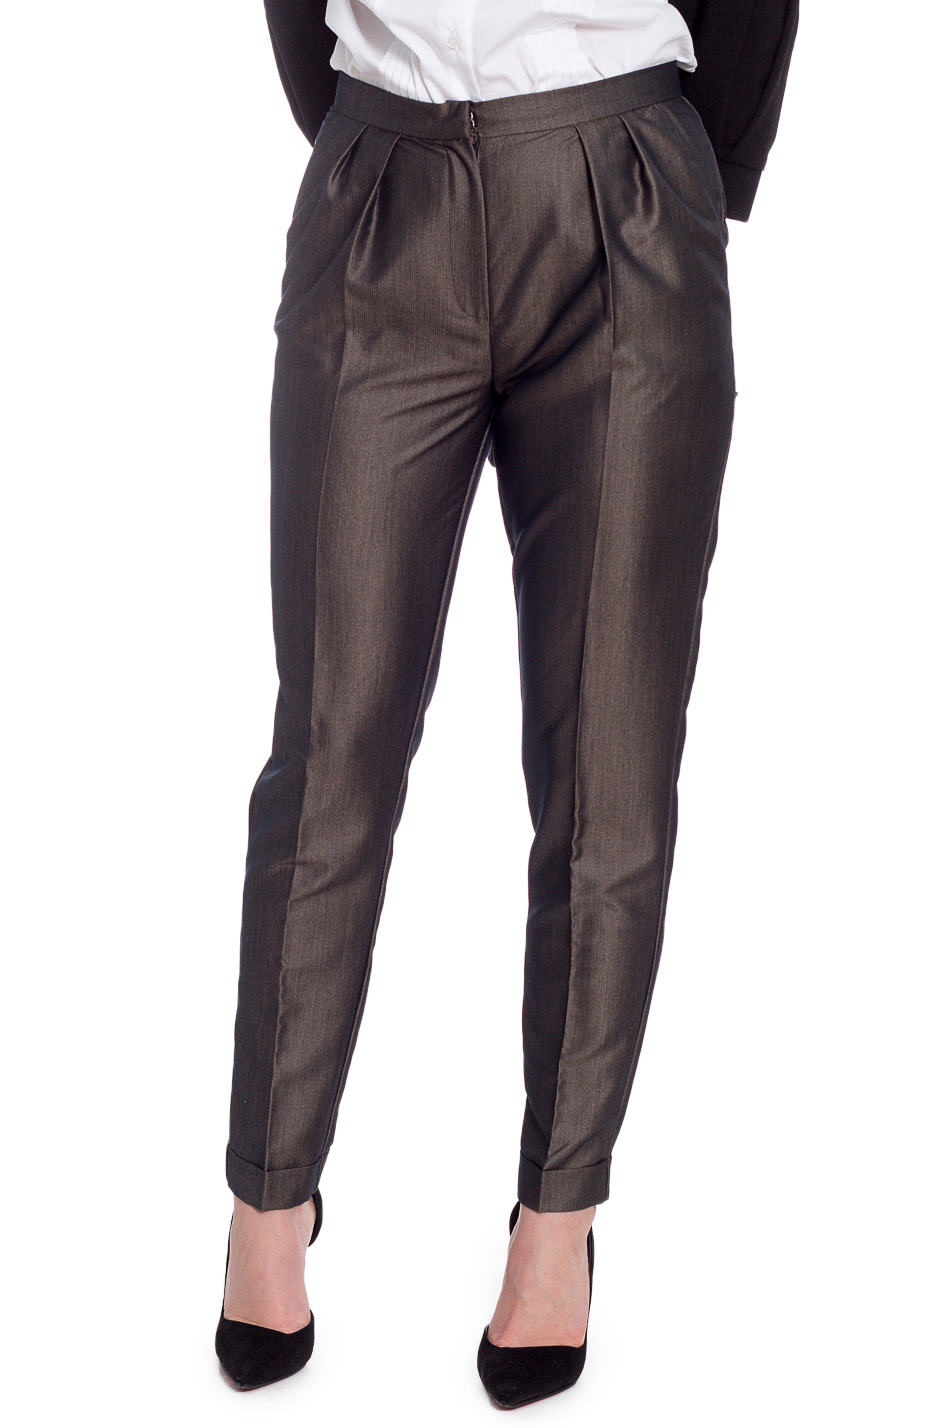 БрюкиБрюки<br>Ультрамодные женские брюки на поясе с чуть заниженной линией талии. На передней части изделия карманы с отрезным бочком, застежка на молнию с гульфиком и складки. По низу изделия манжеты на отворот.   Цвет: при близком расмотрении материал выполнен в мелкий черно-бежевый зигзаг.  Рост девушки-фотомодели 170 см  Длина изделия по боковому шву - 99 ± 2 см  Длина внутреннего шва - 71 ± 2 см<br><br>По длине: Укороченные<br>По материалу: Костюмные ткани<br>По рисунку: Однотонные<br>По сезону: Весна,Зима,Лето,Осень,Всесезон<br>По силуэту: Полуприталенные<br>По стилю: Кэжуал,Повседневный стиль<br>По форме: Галифе<br>По элементам: С декором,С заниженной талией,С карманами,С молнией,Со складками,Со стрелками<br>Размер : 46,48,50,52<br>Материал: Костюмная ткань<br>Количество в наличии: 17